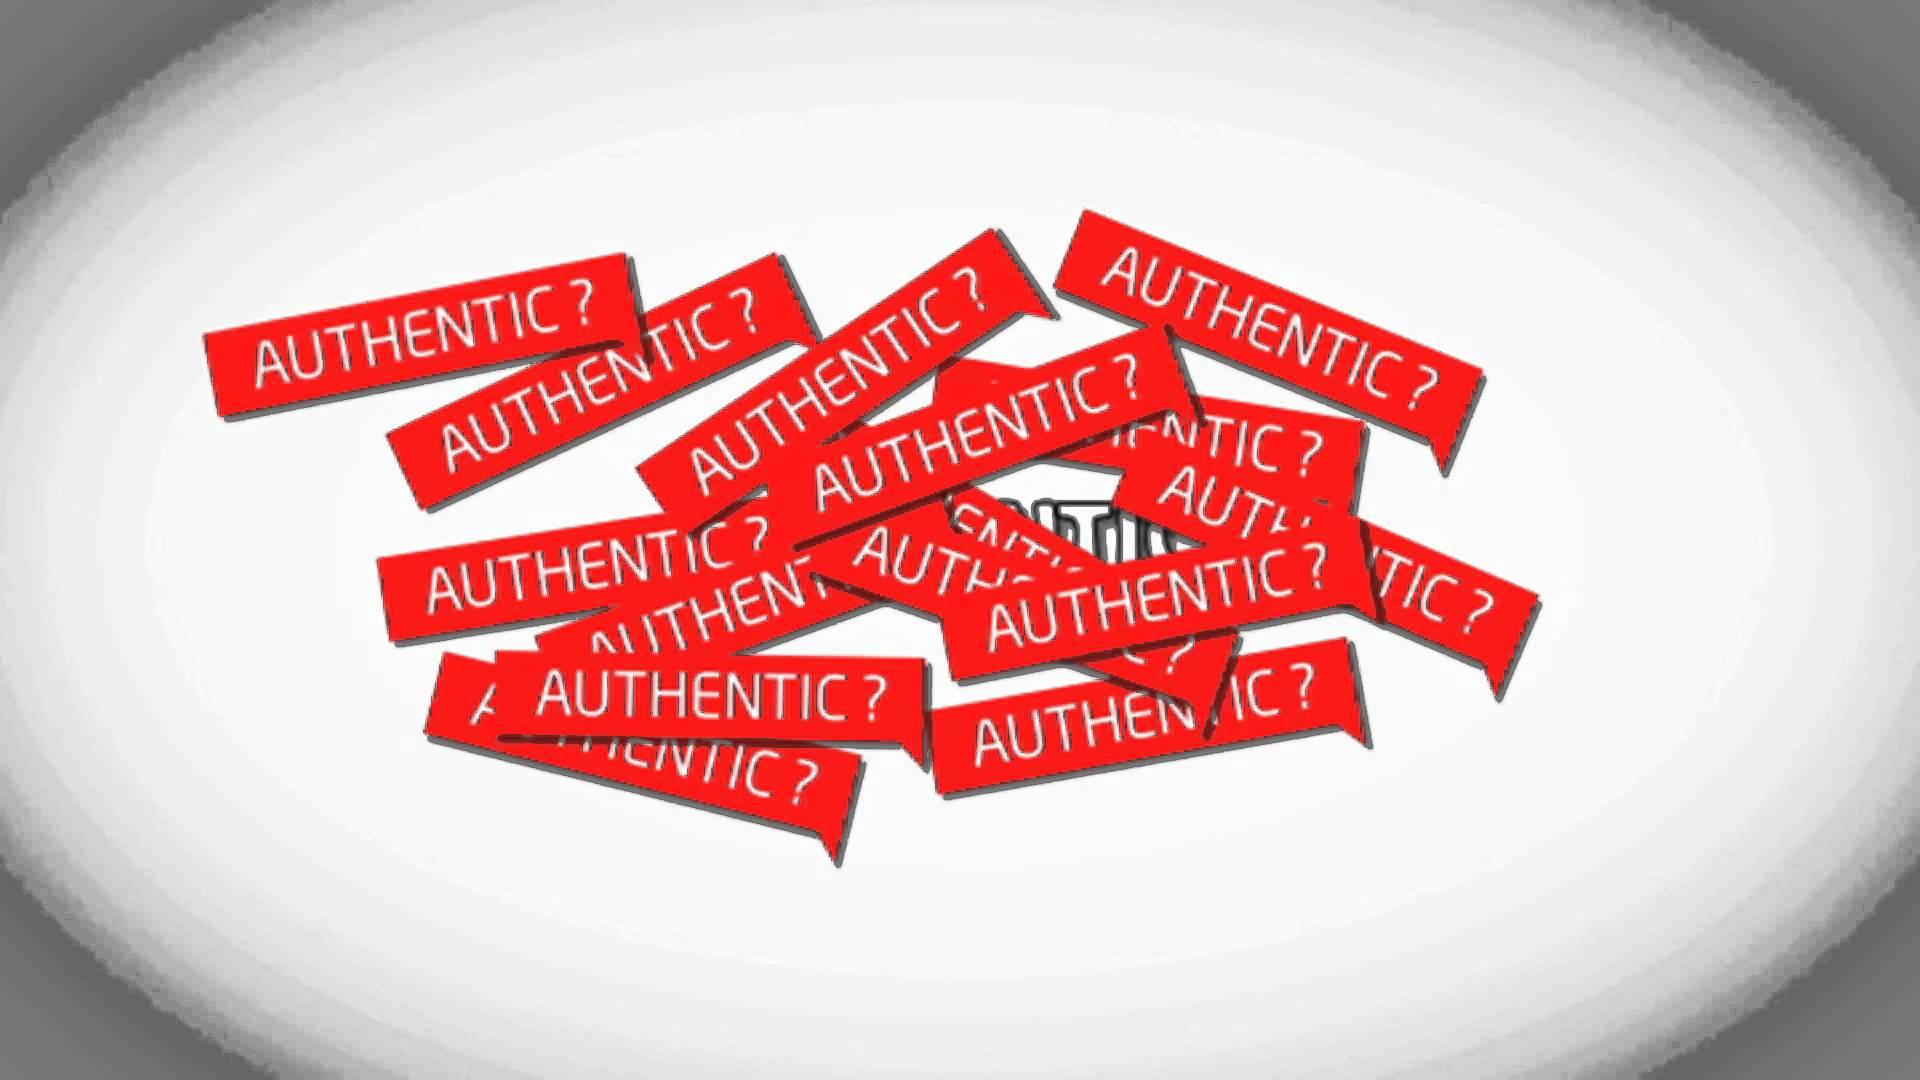 Prodotti di moda falsificati: ecco come riconoscere se sono contraffatti